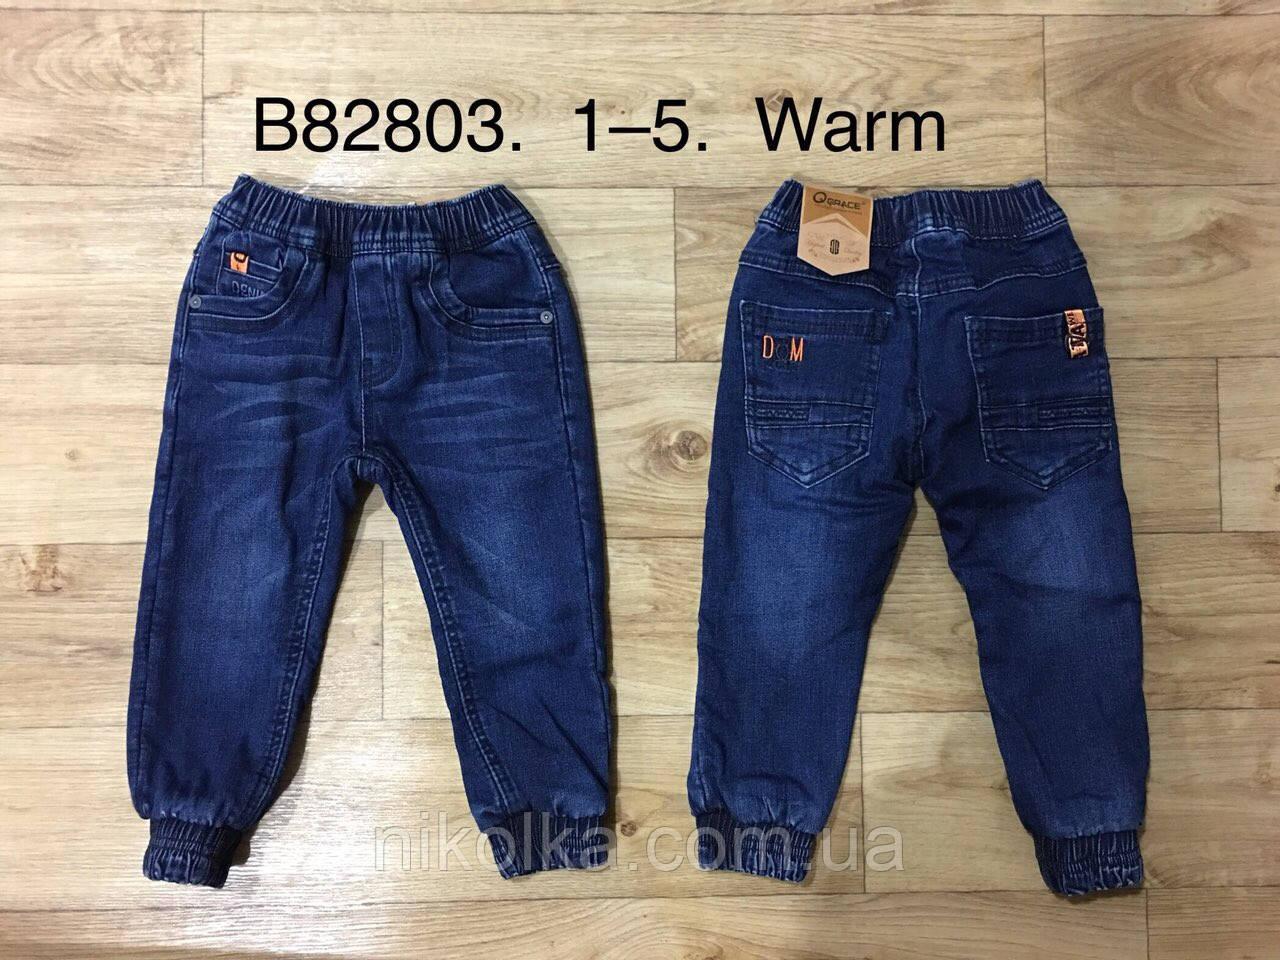 Джинсовые брюки на флисе для мальчиков оптом, Grace, 1-5 лет, арт. B82803